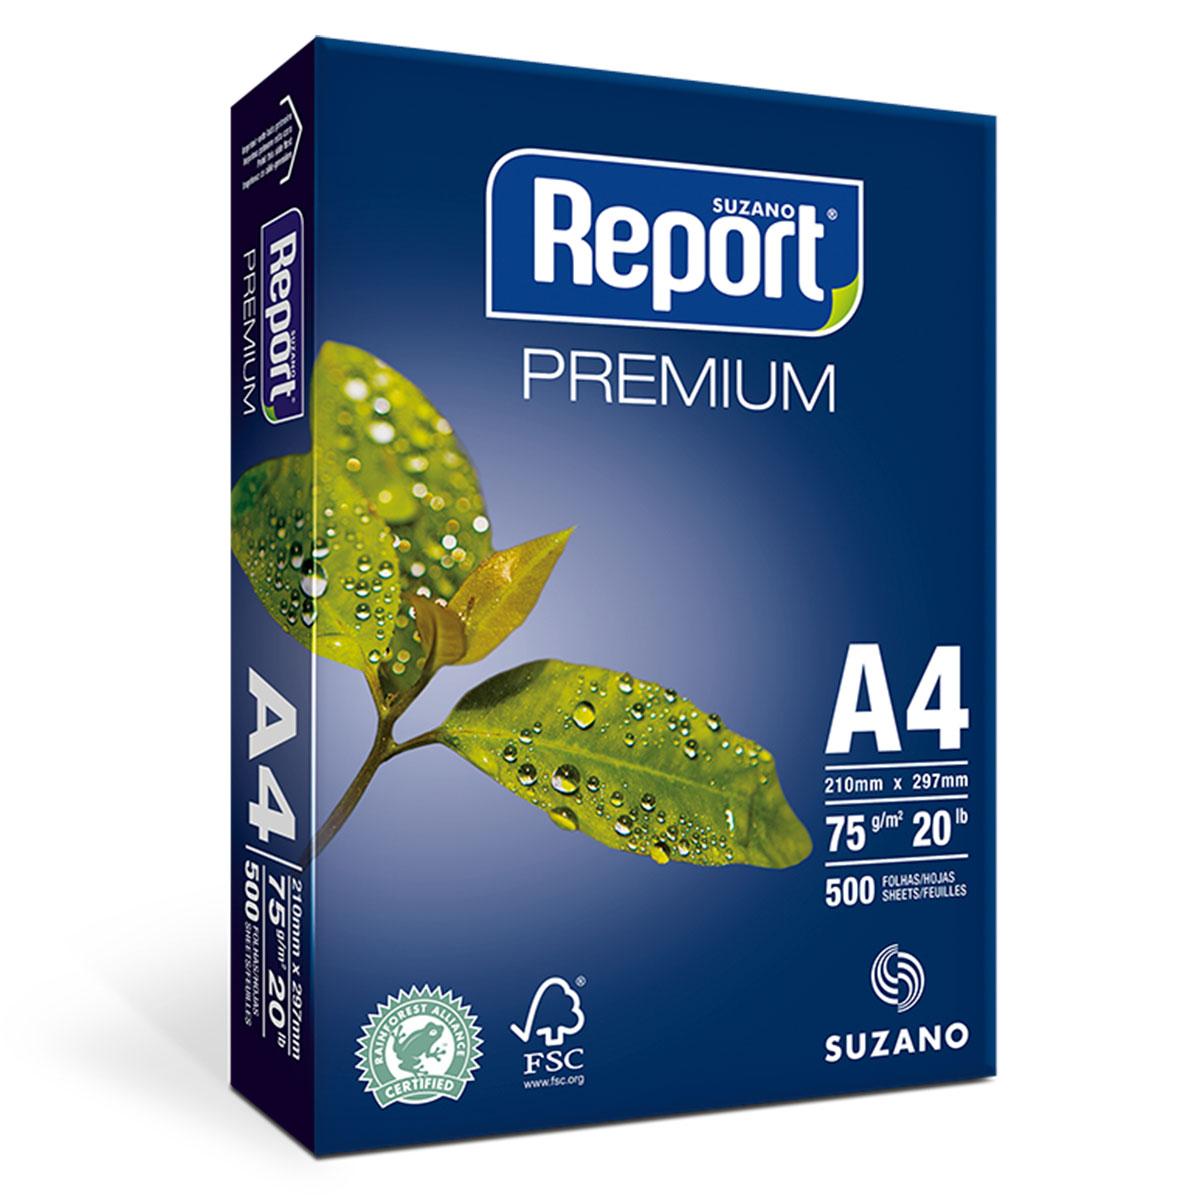 Papel Sulfite Report A4 (210x297) 75gr Caixa C/10 Resmas 500 Folhas - 20061684